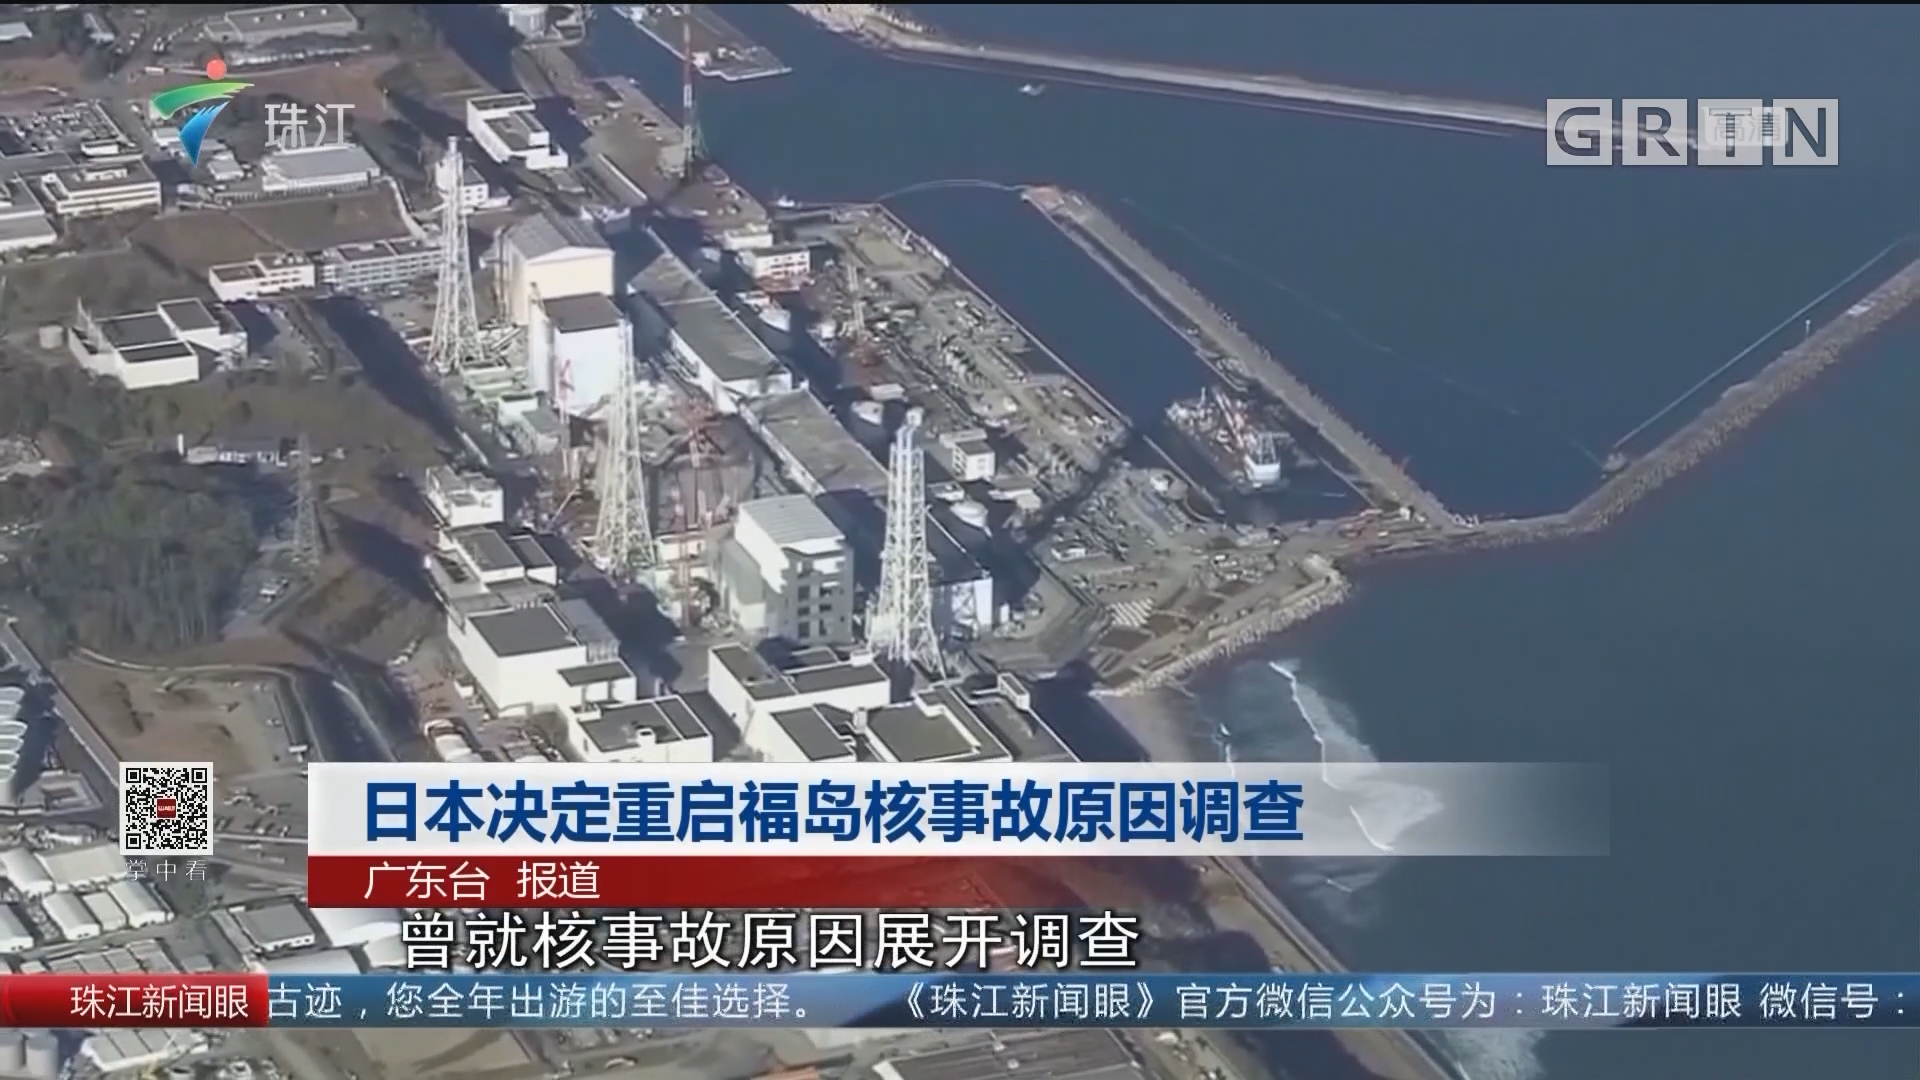 日本决定重启福岛核事故原因调查